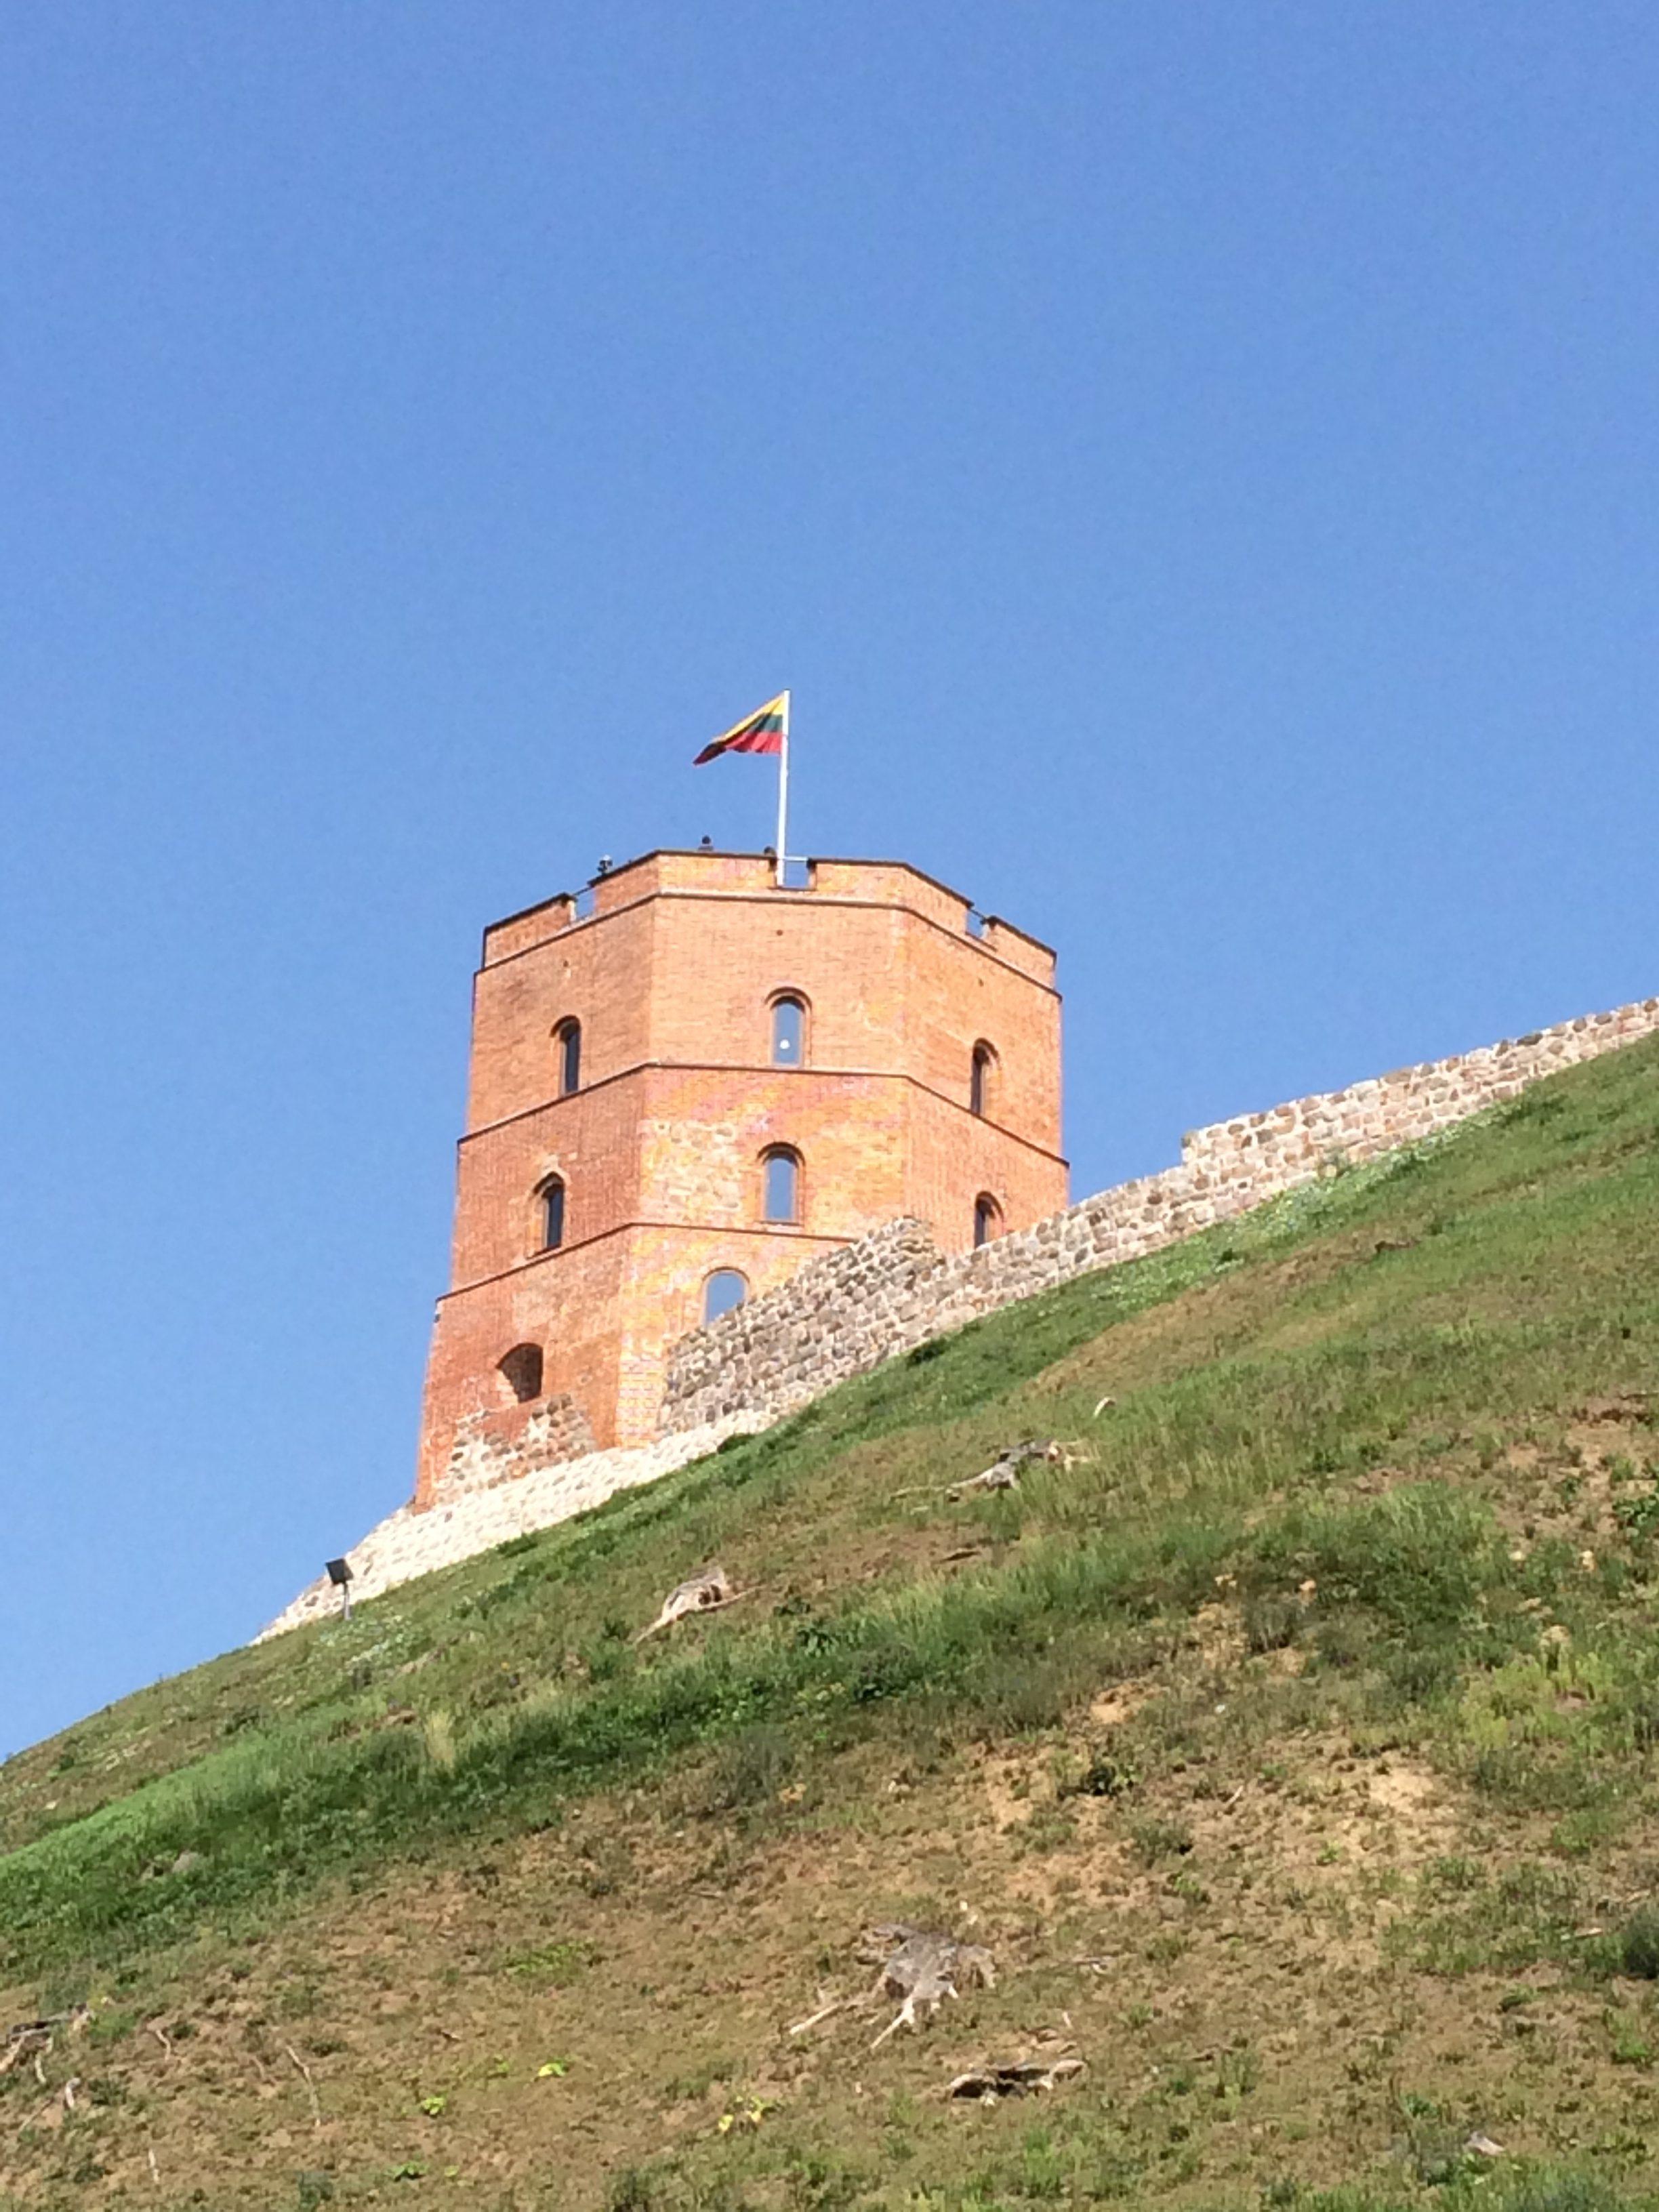 ゲティミナス城が見えてきた